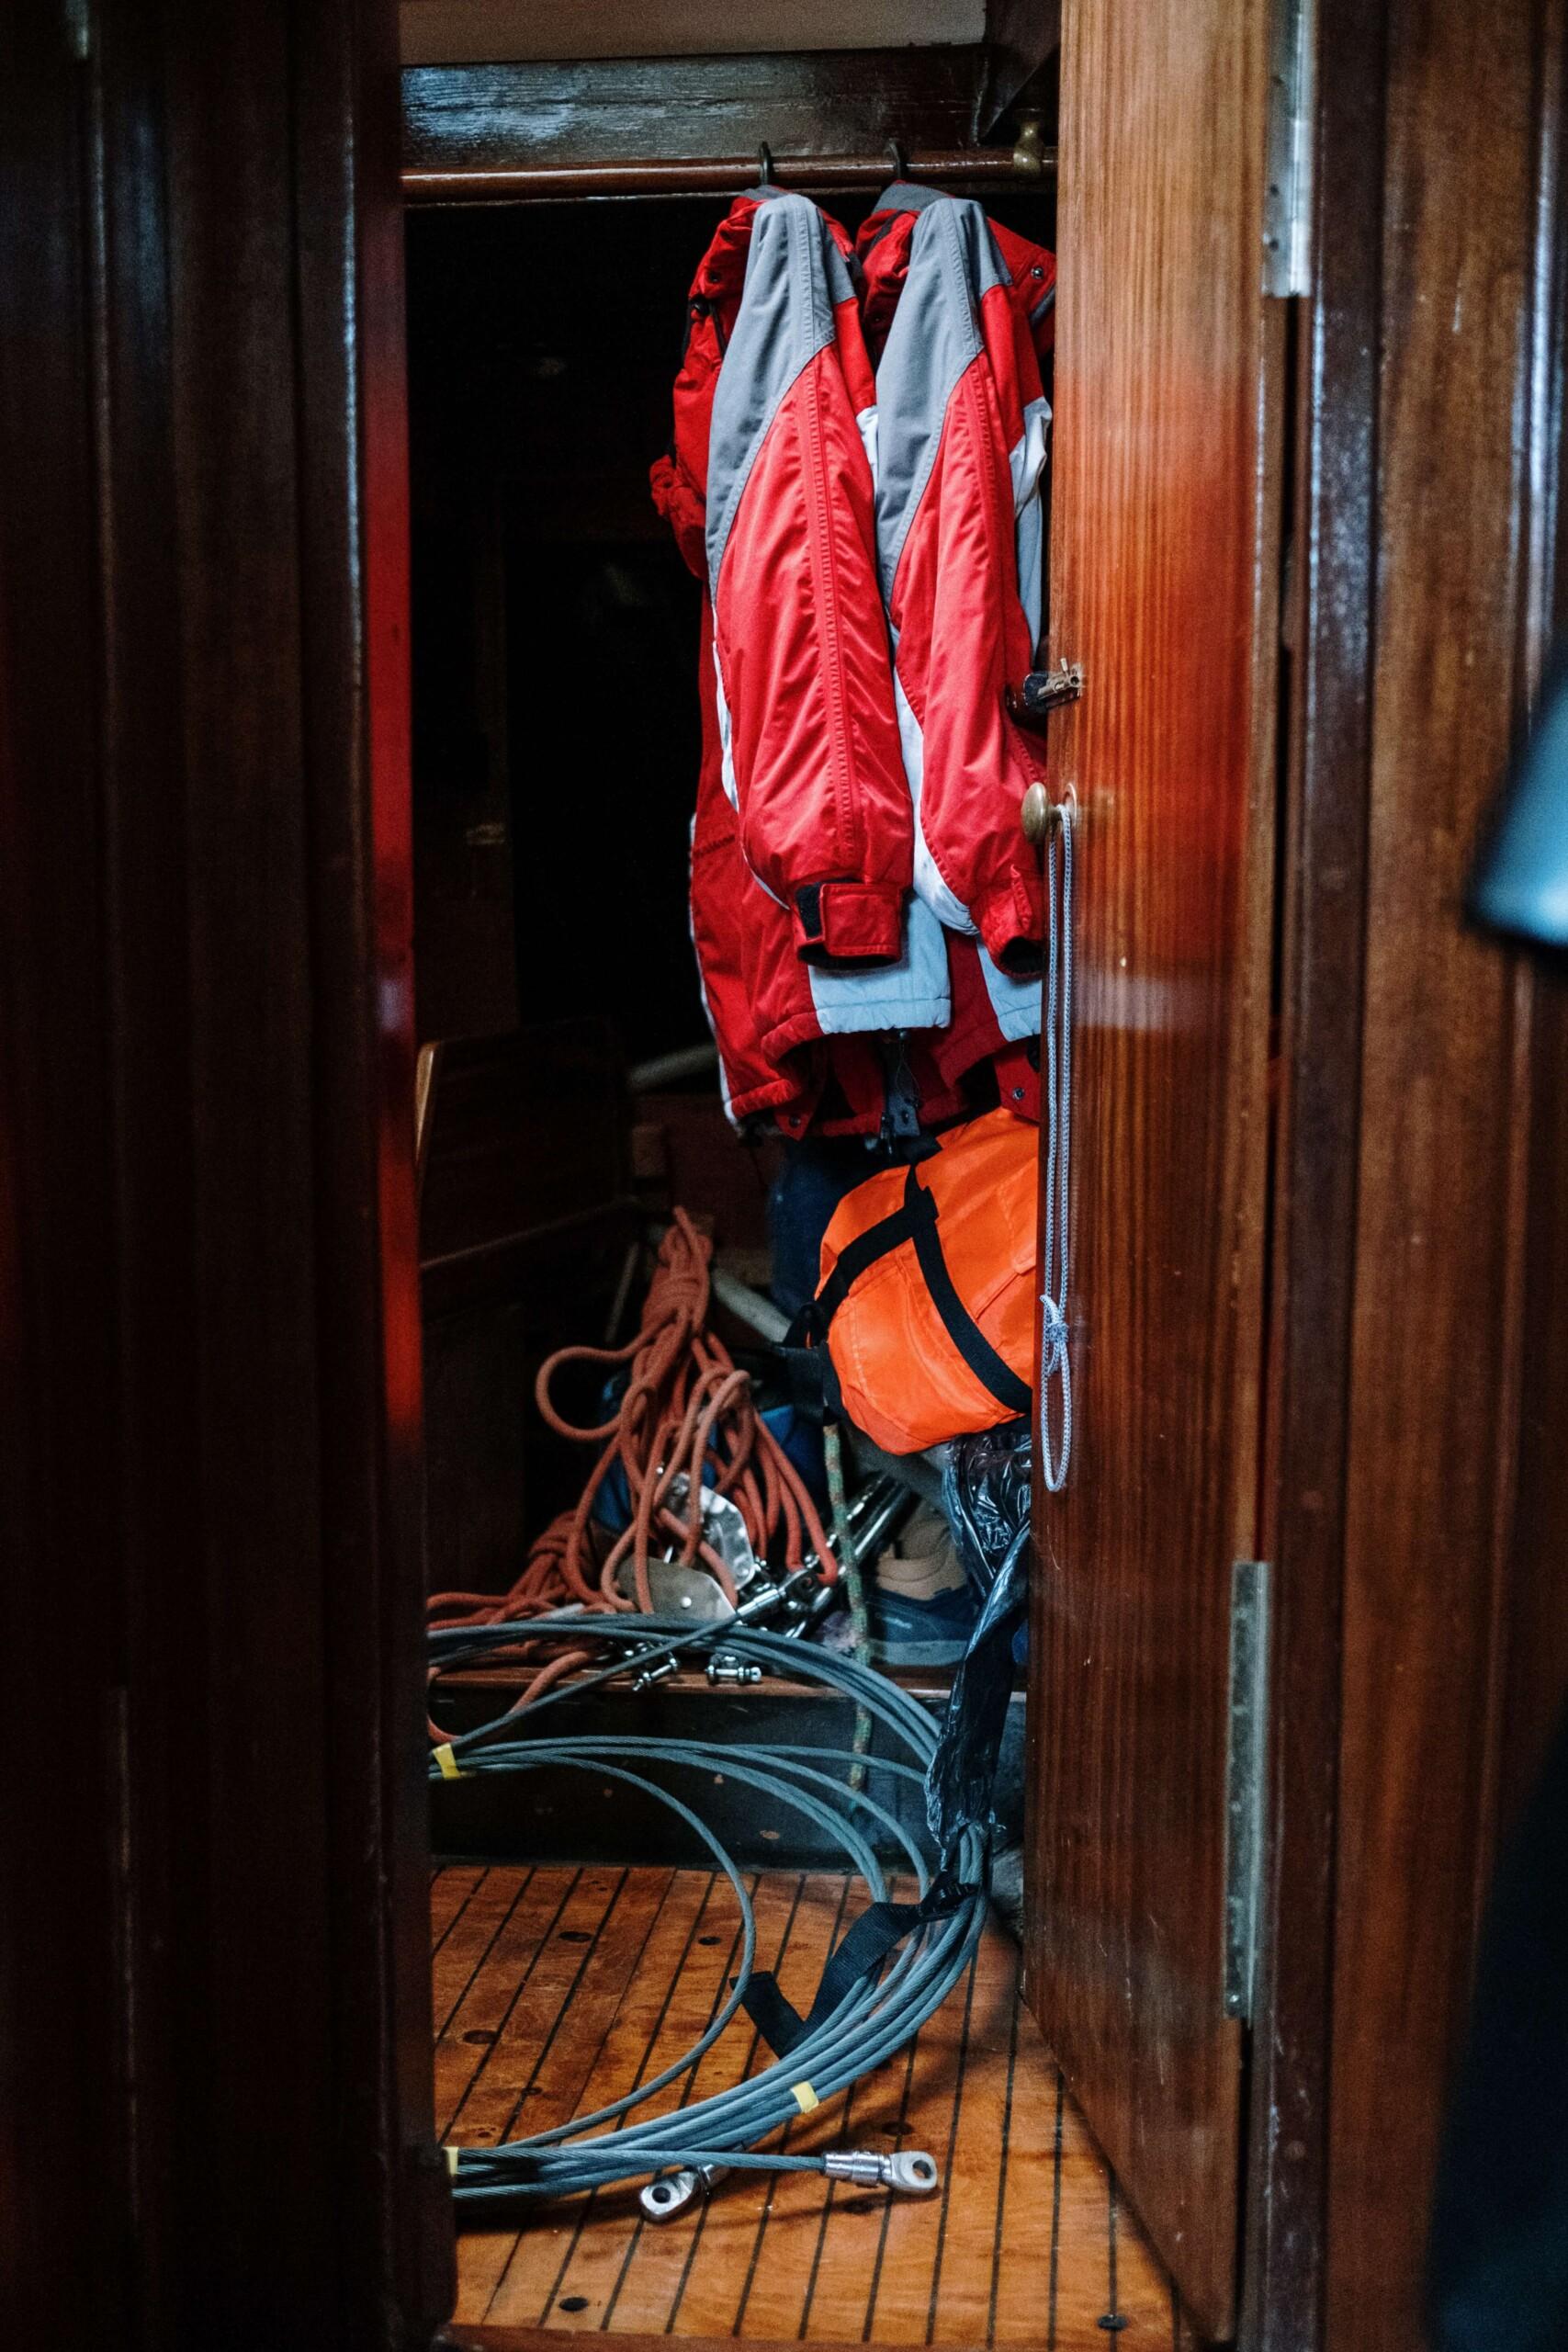 équipement de sécurité à bord d'un bateau